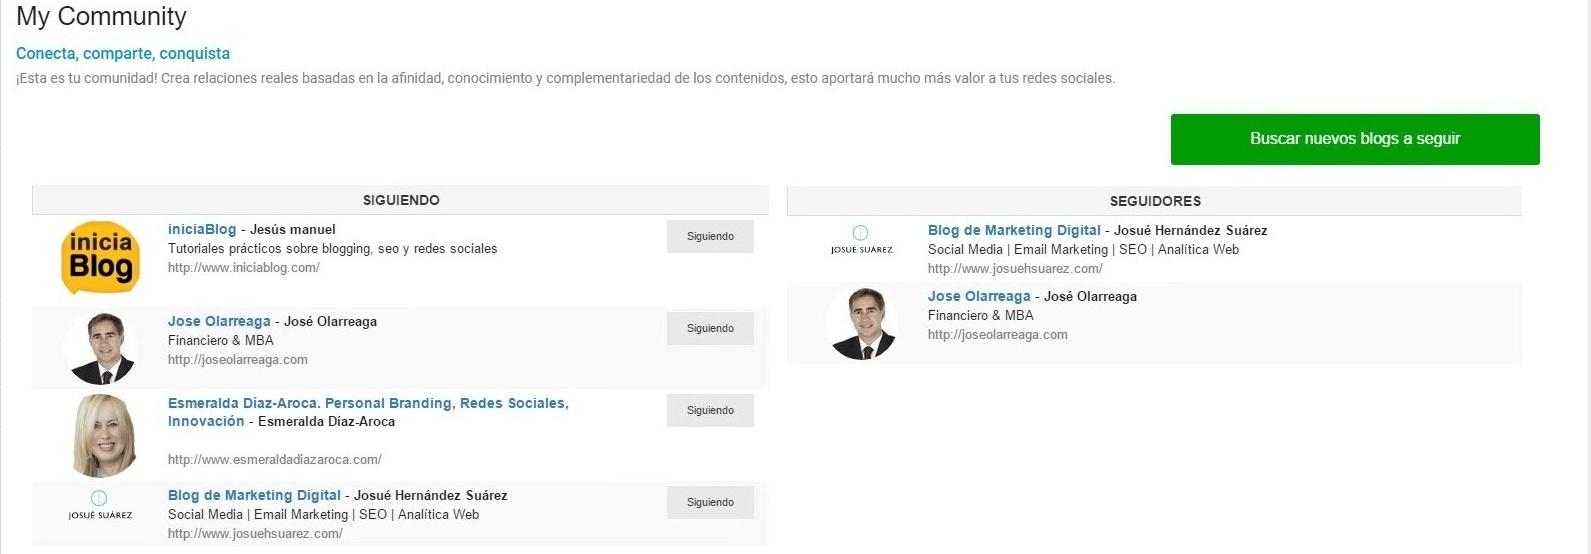 Crea tu propia comunidad con My Community de BlogsterApp